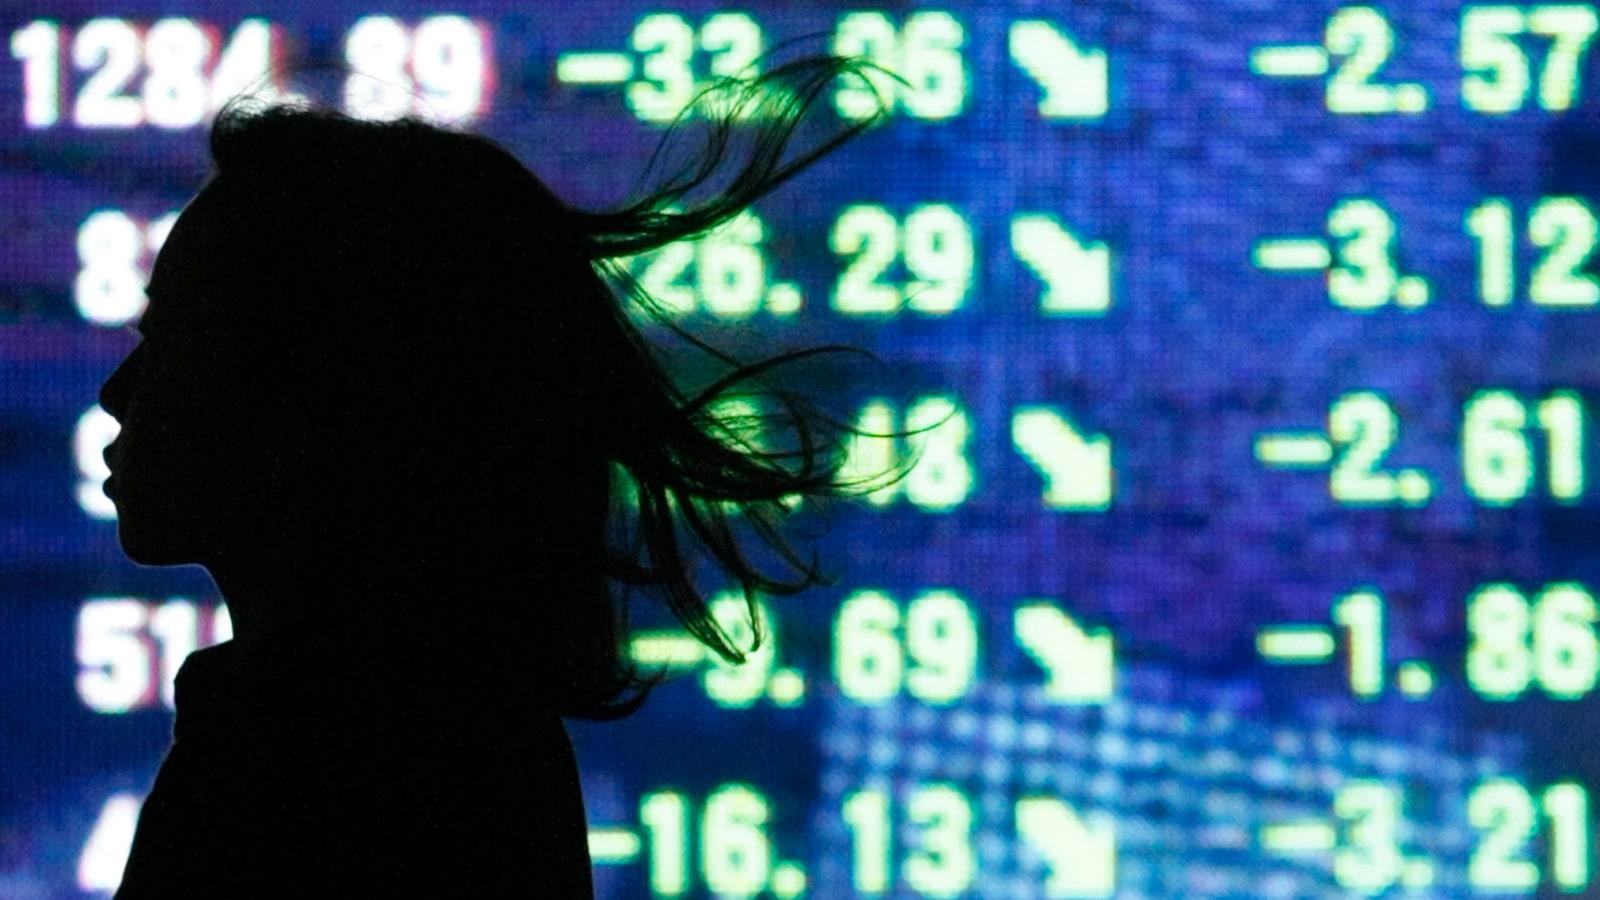 コロナ禍で探る「資産運用」で損しないシナリオ